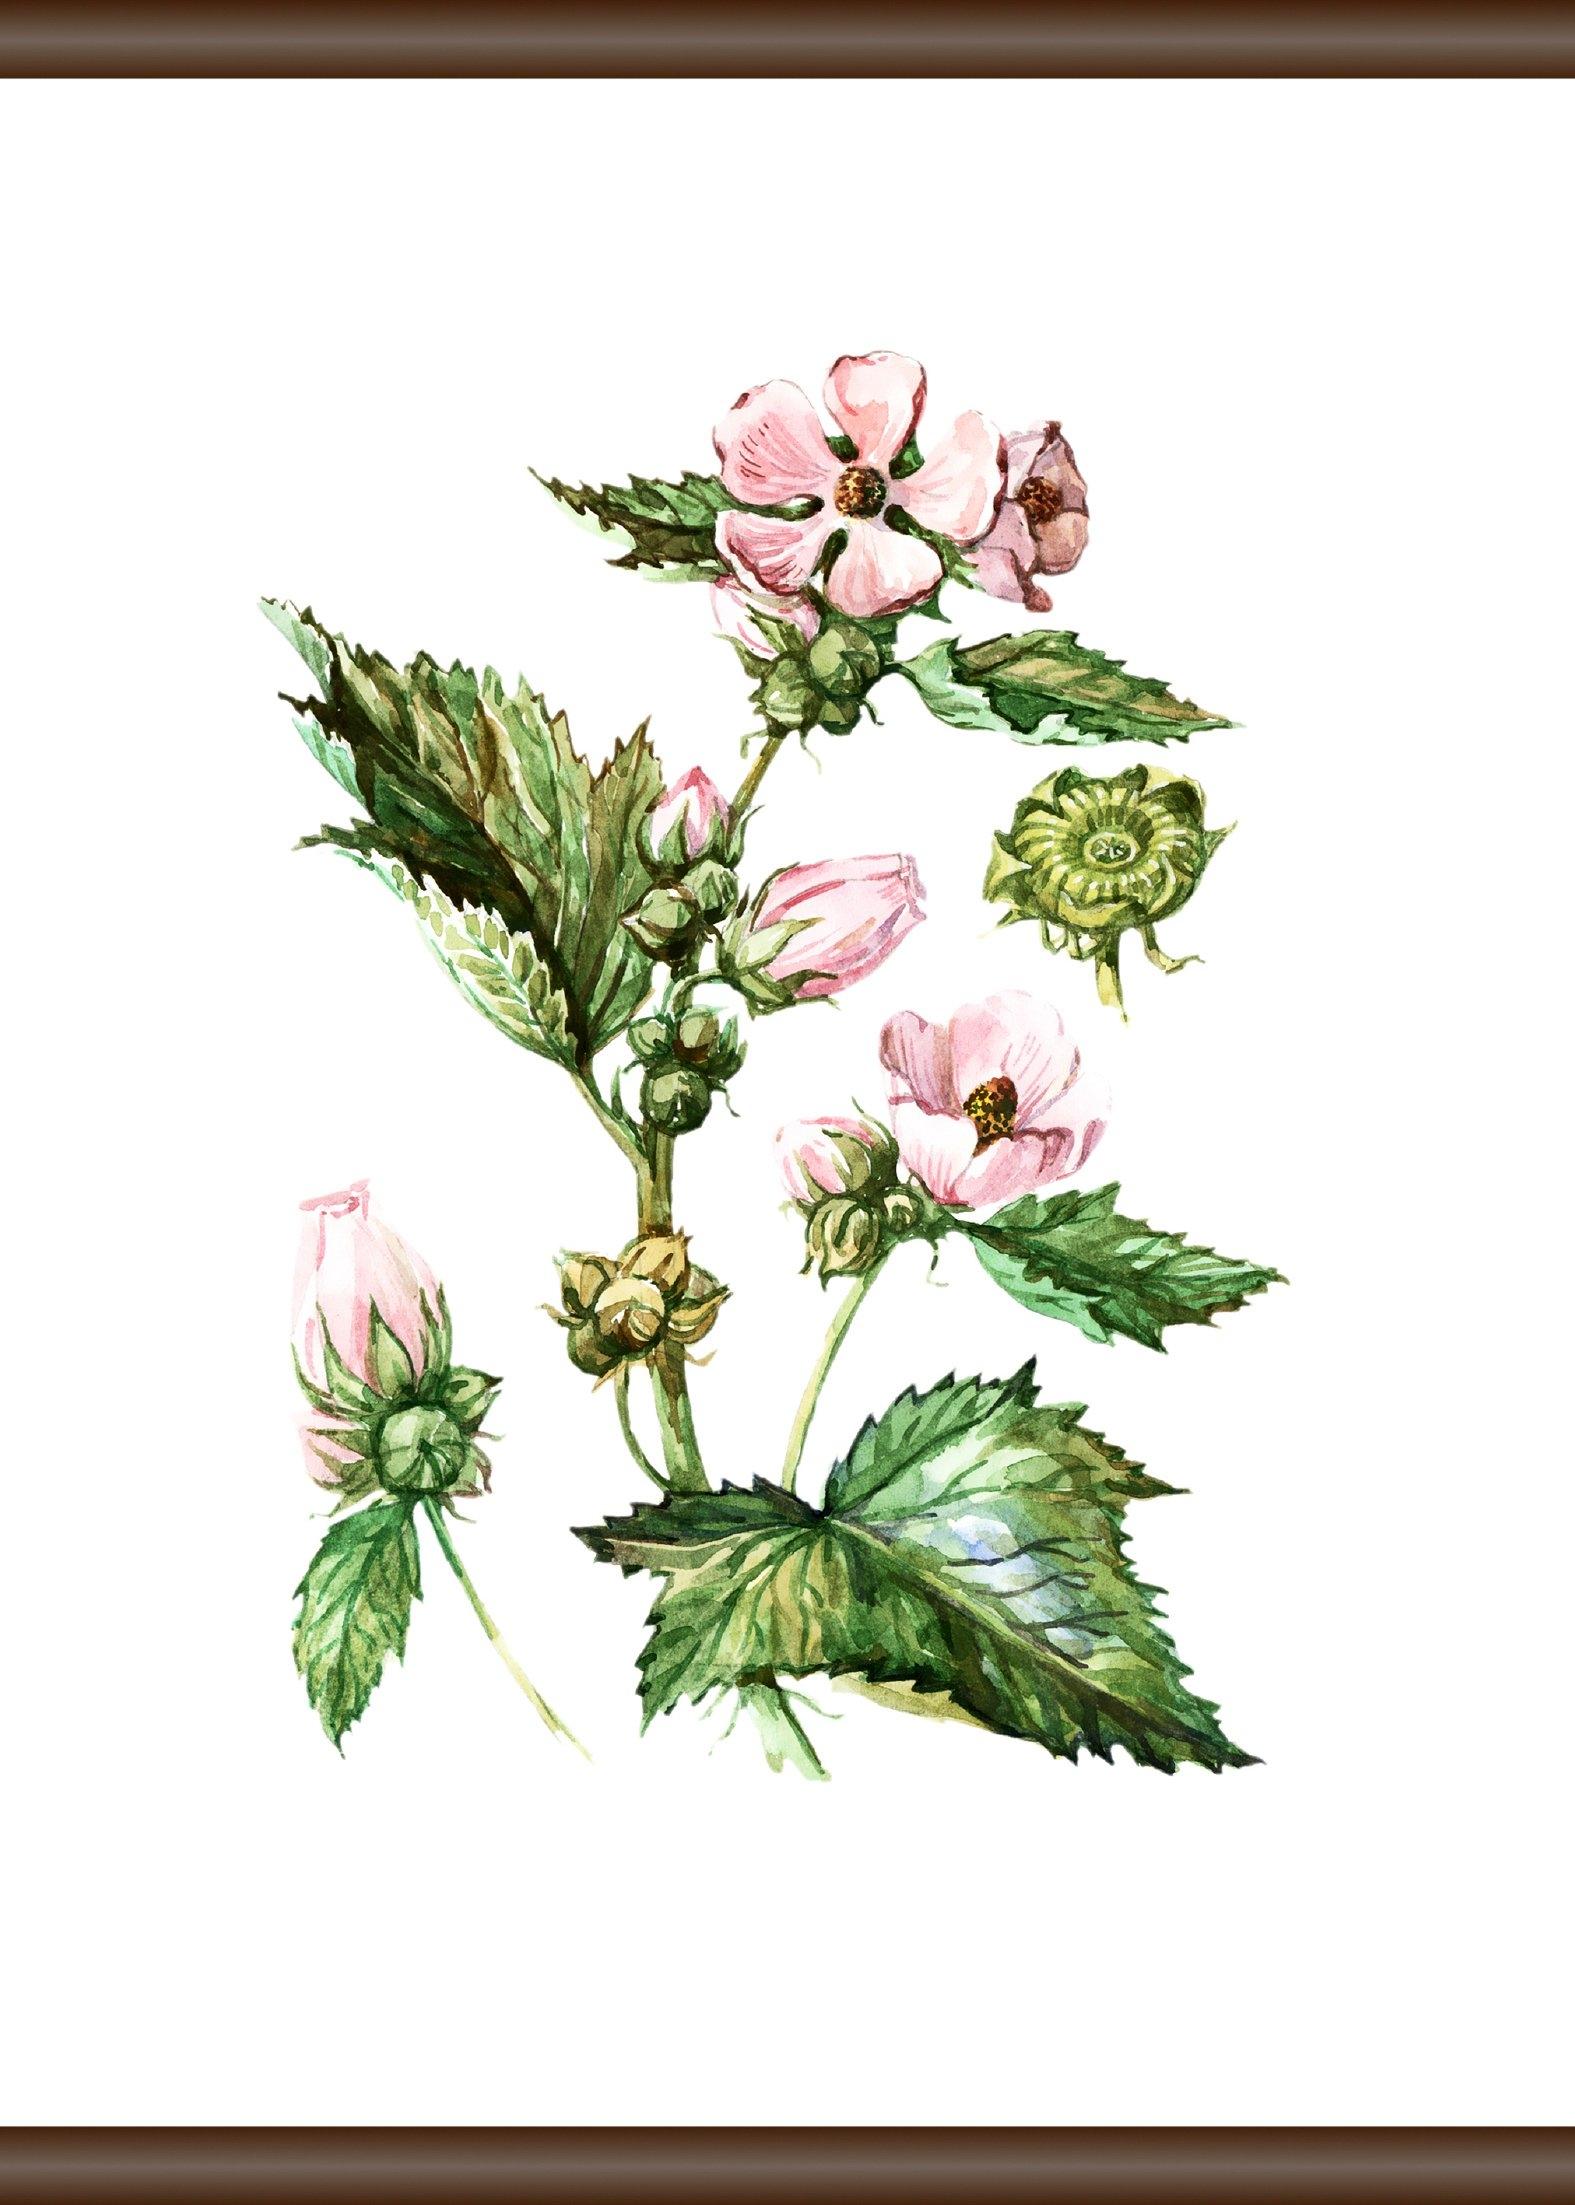 queence Wanddecoratie op linnen »Planten anatomie«, artprint op linnen 50x70 cm goedkoop op otto.nl kopen